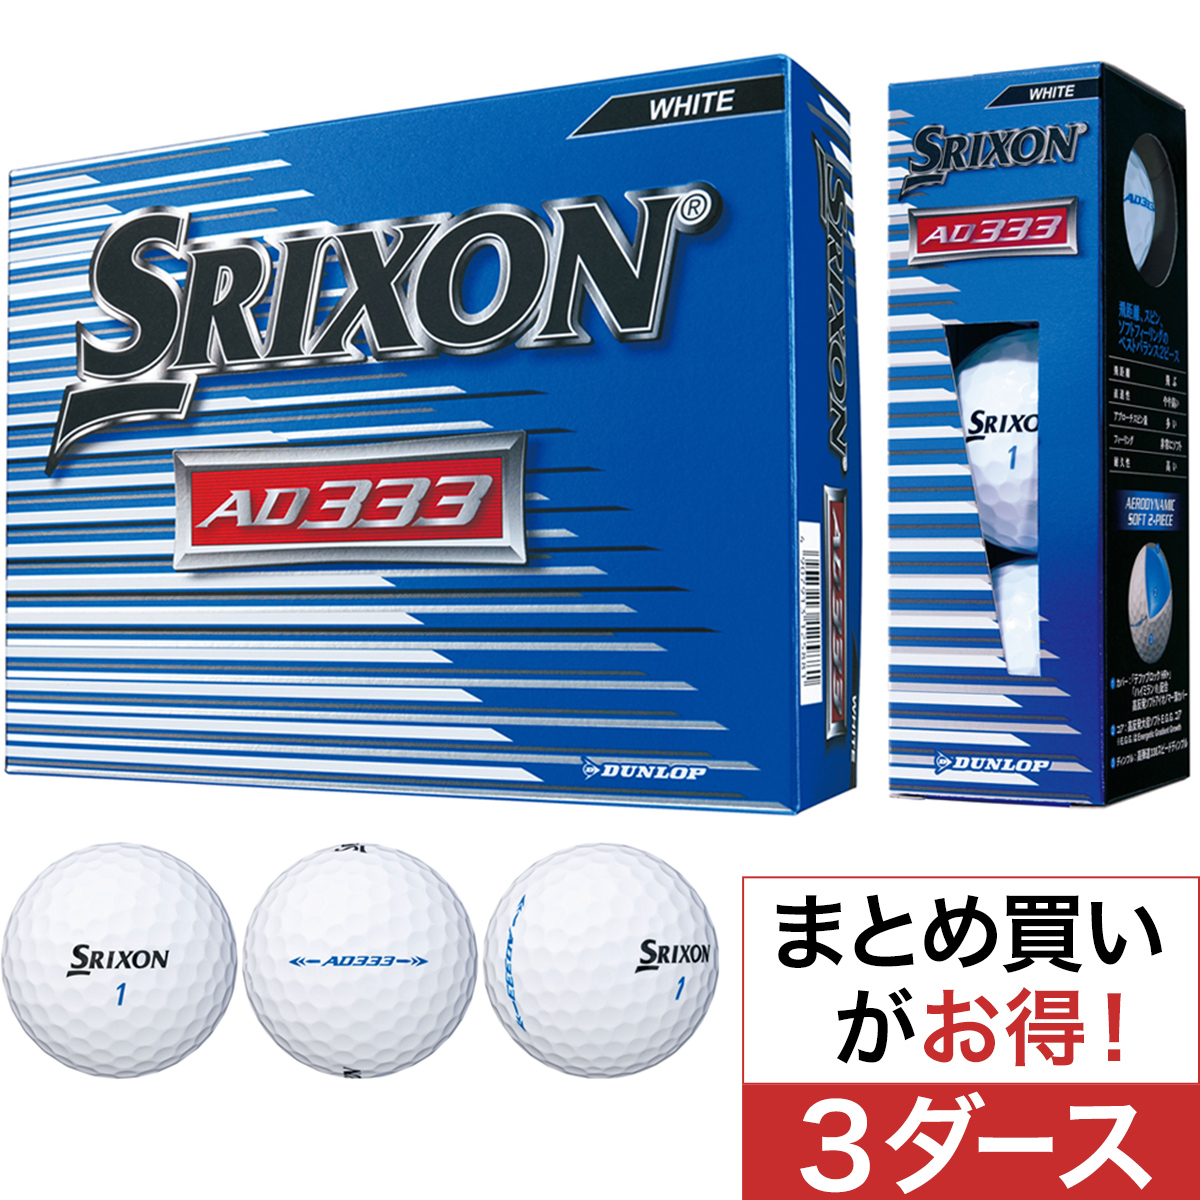 スリクソン AD333-7 ボール 3ダースセット